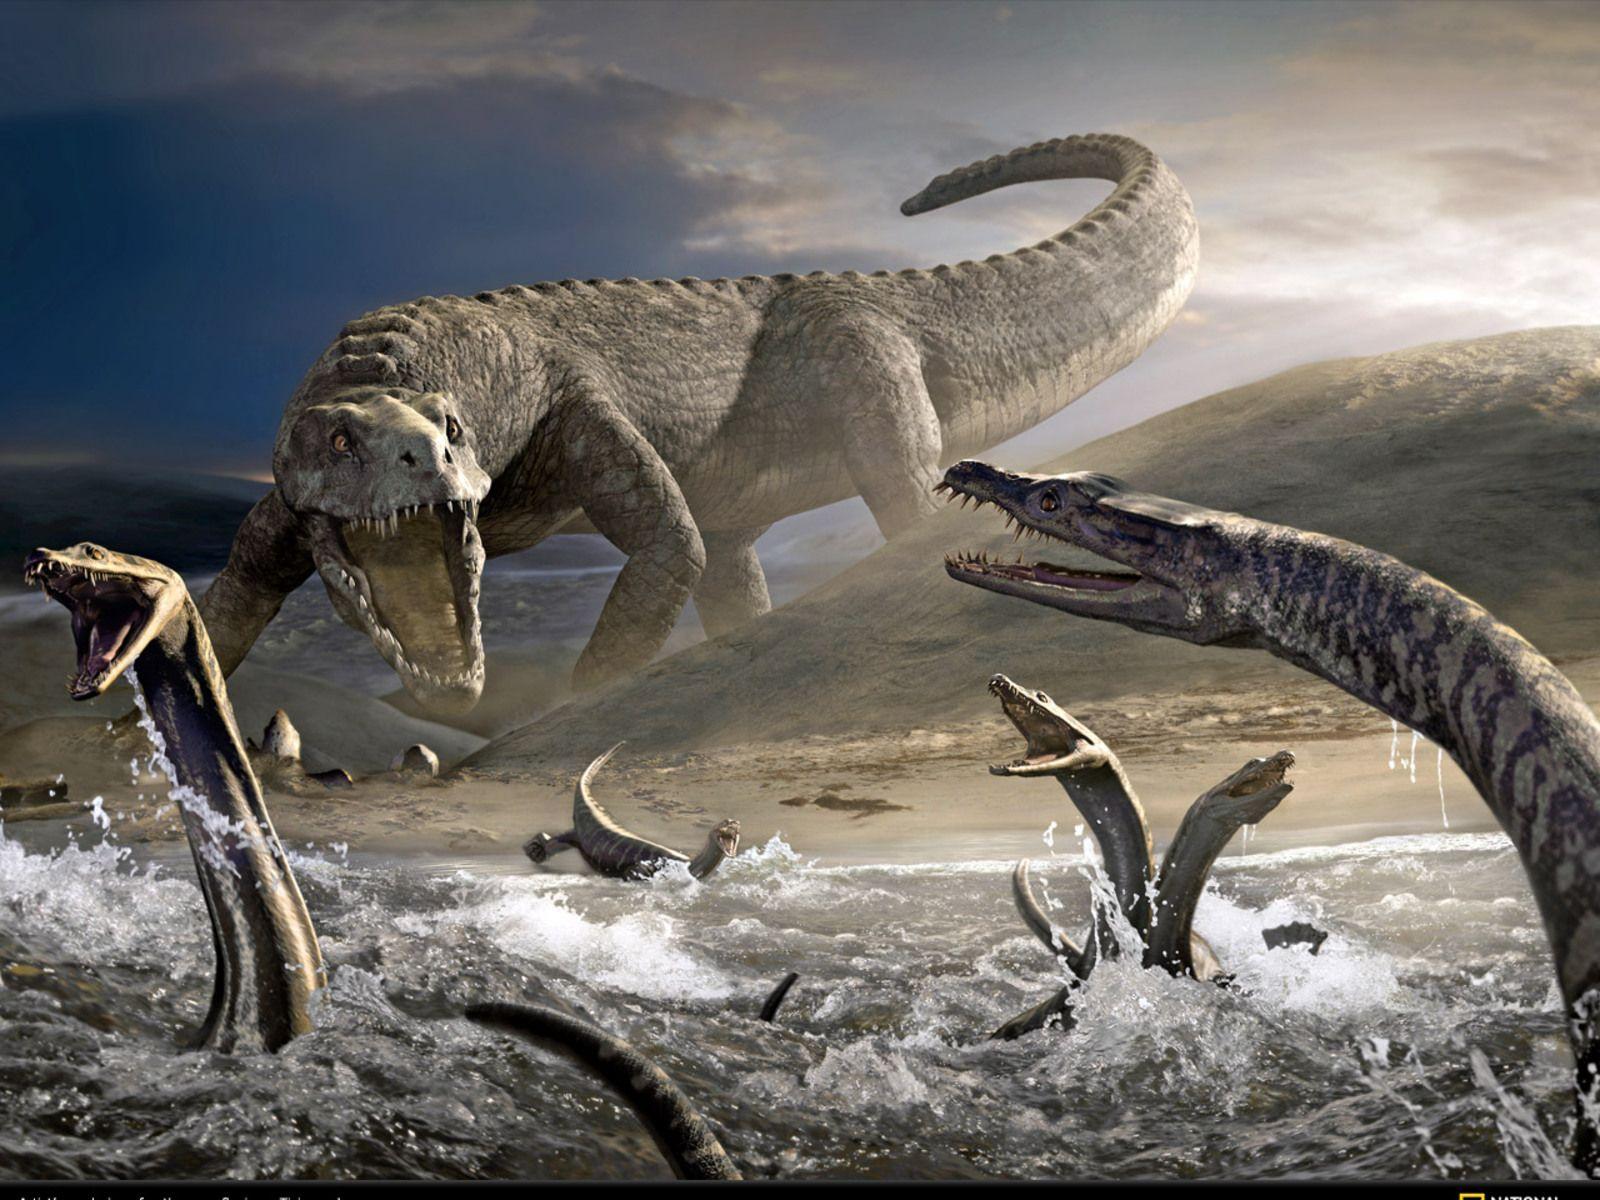 Dinosaur Wallpapers Dinosaur Wallpaper Dinosaurs Wallpaper Dinosaur Pictures Dinosaurs Wallpapers Dino Dinosaur Wallpaper Dinosaur Pictures Dinosaur Background Este es un conjunto de imágenes prediseñadas de ilustración de alta resolución (300 dpi).png & jpg archivos! dinosaur wallpapers dinosaur wallpaper